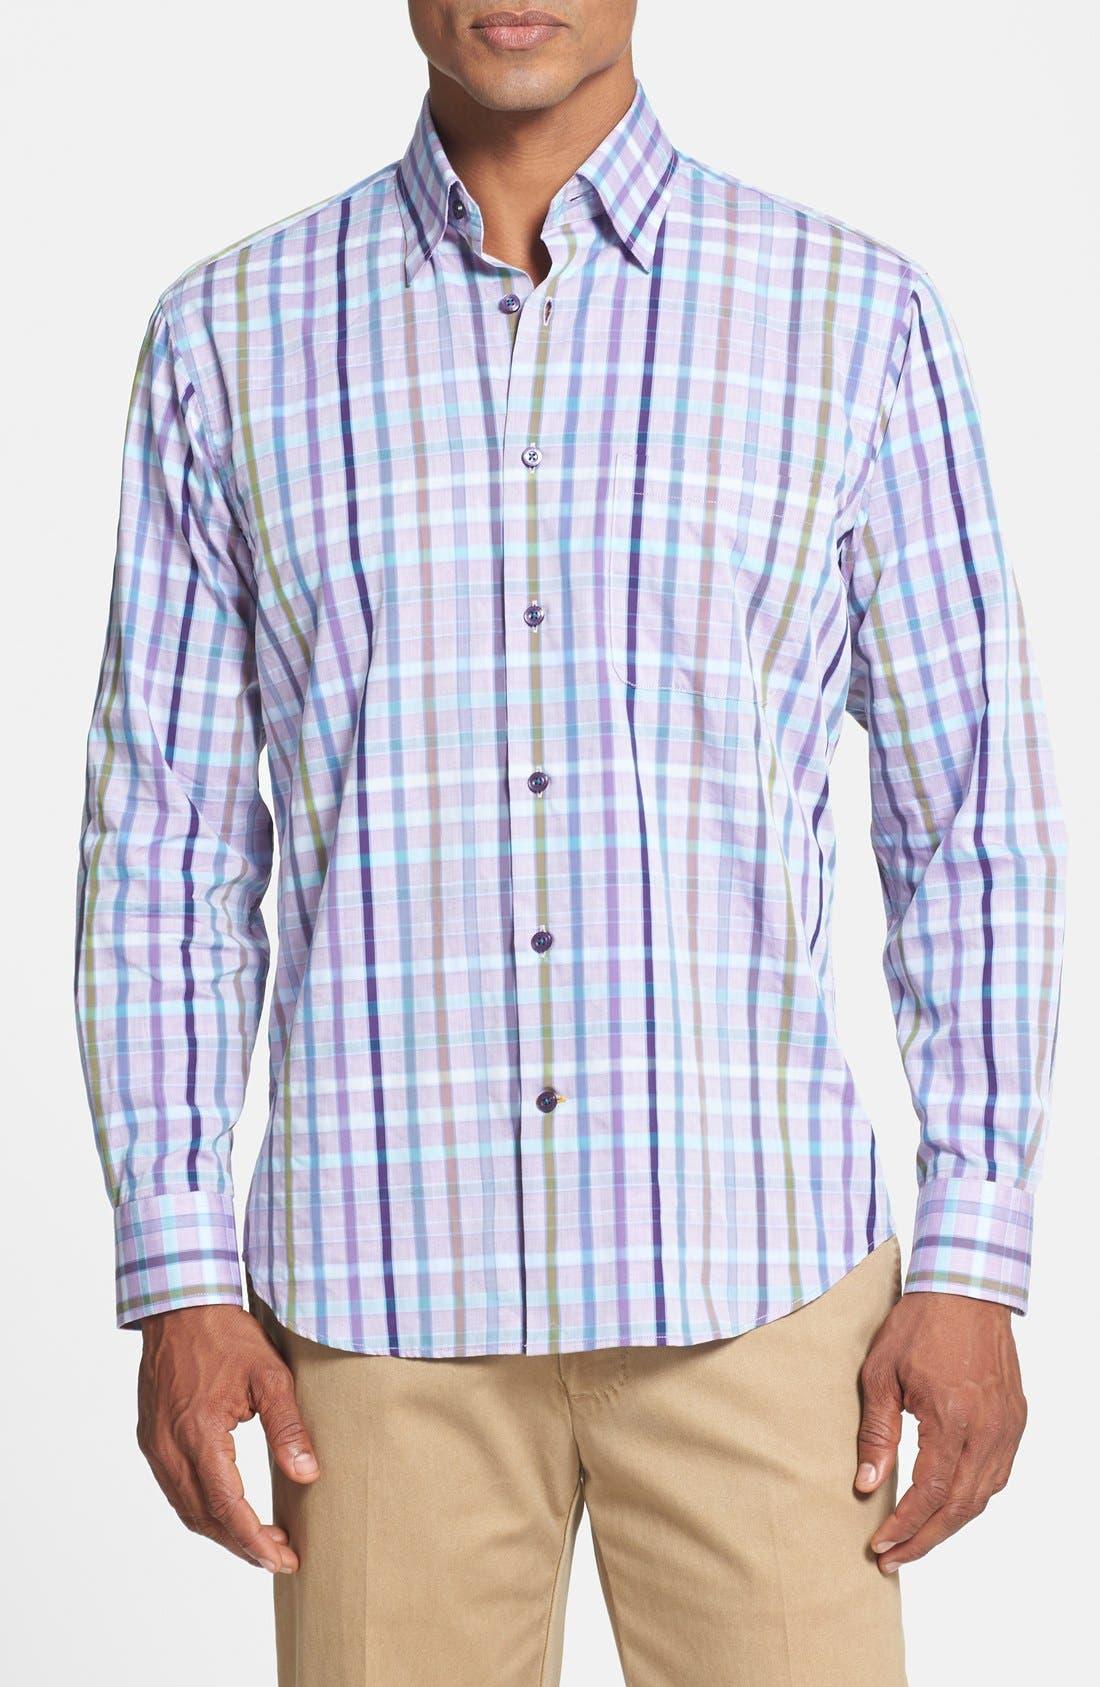 Alternate Image 1 Selected - Robert Talbott Woven Sport Shirt